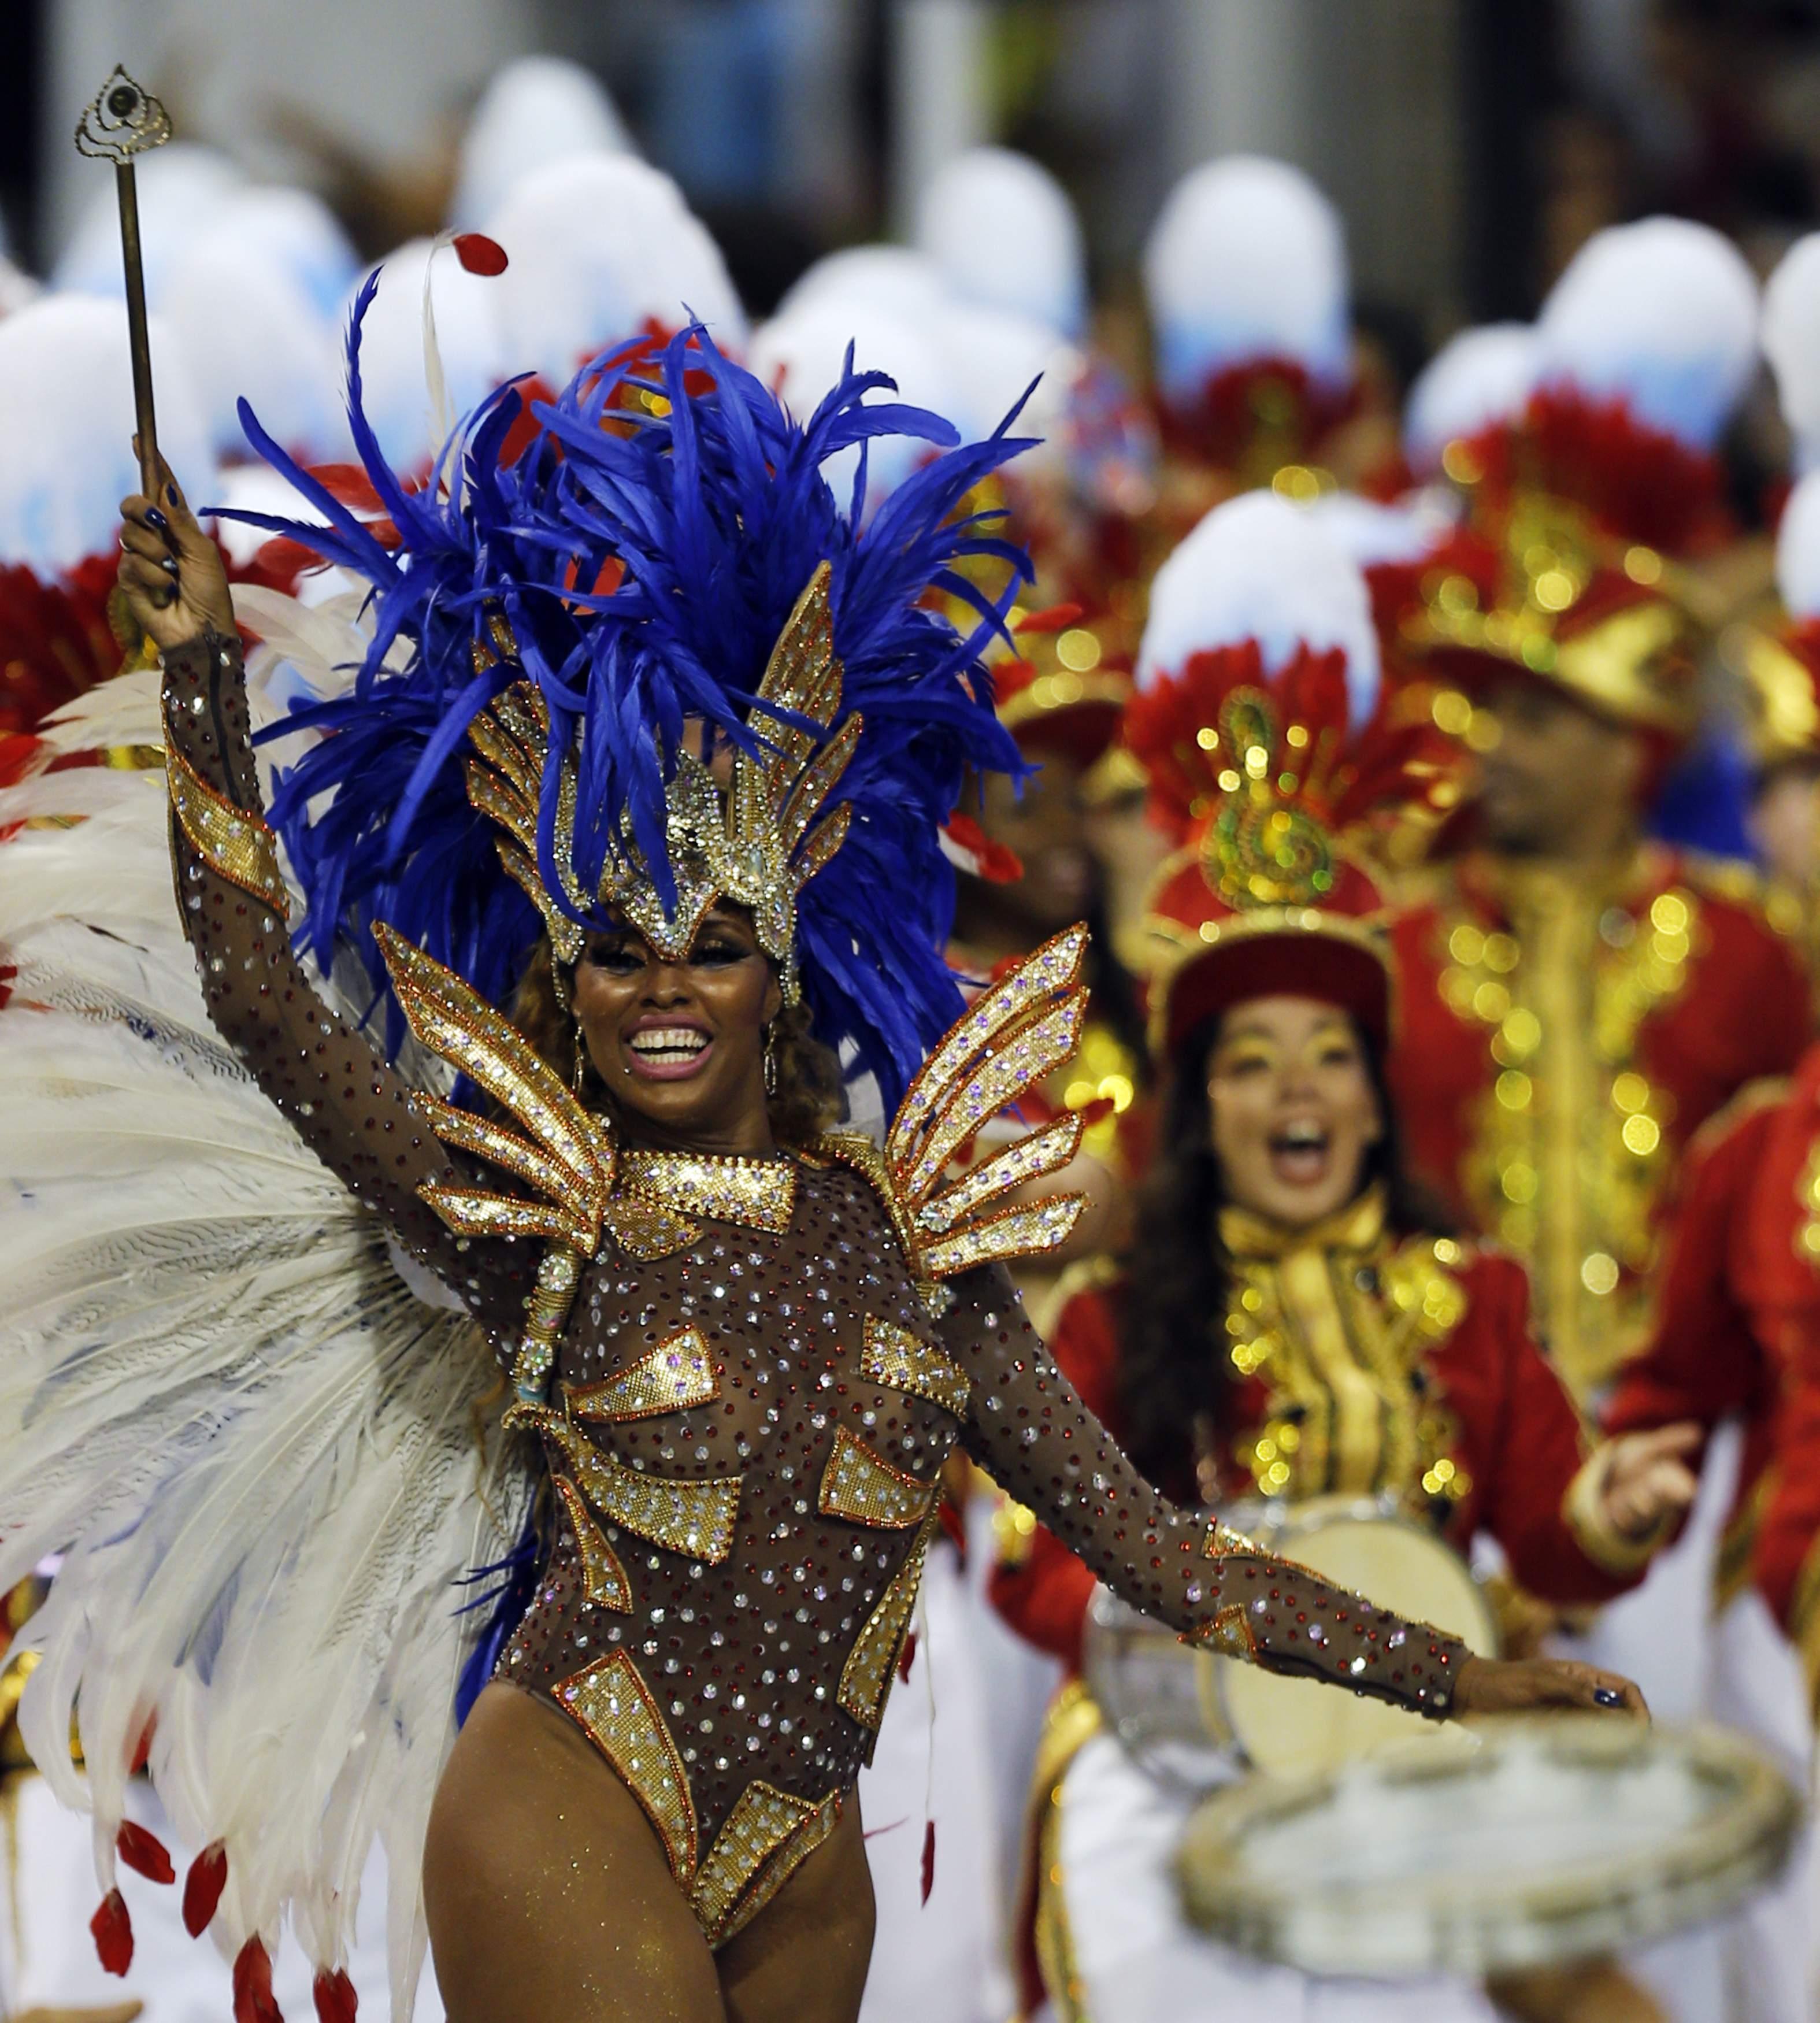 Integrantes da escola de samba Pérola Negra durante desfile no Anhembi | Paulo Whitaker/Reuters